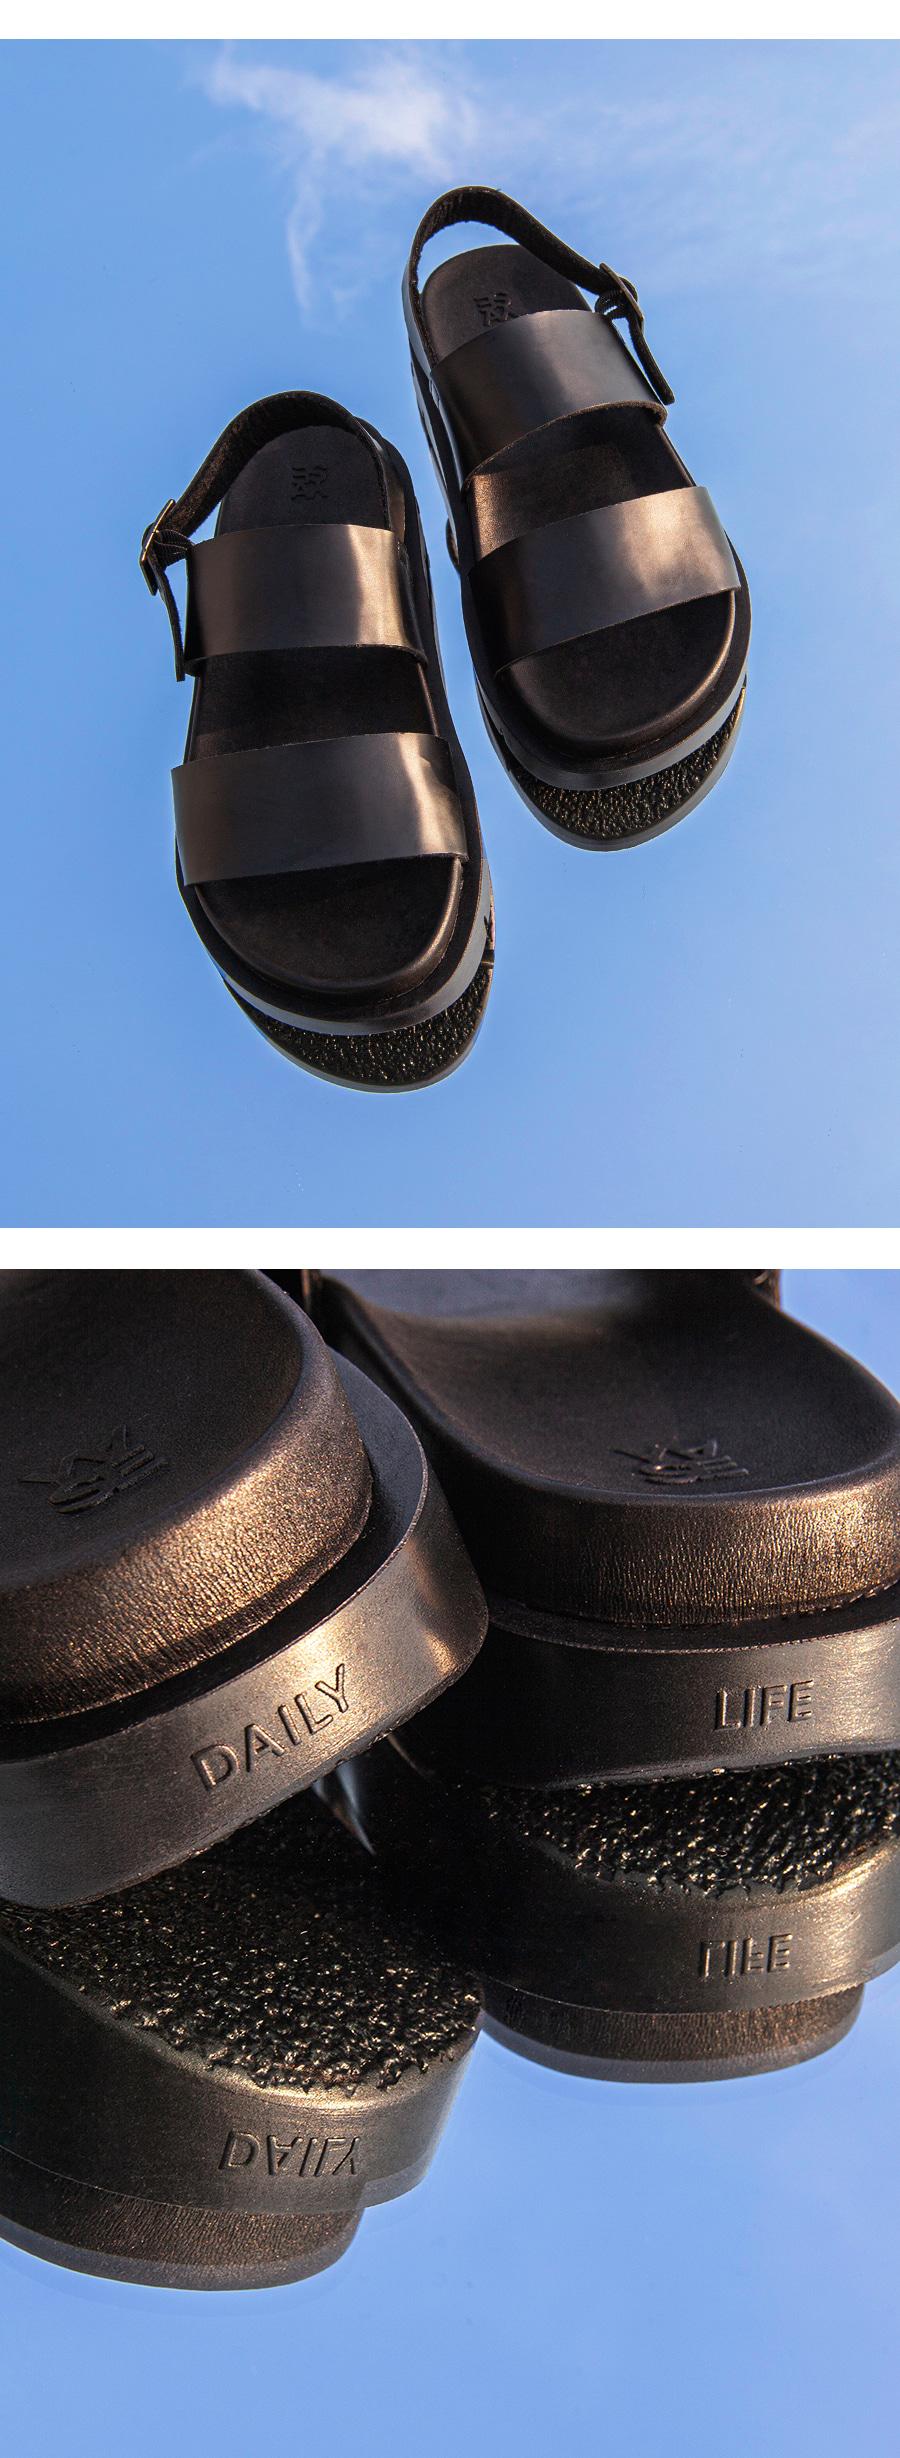 야세(YASE) 산토리니 샌들 레더 블랙 552